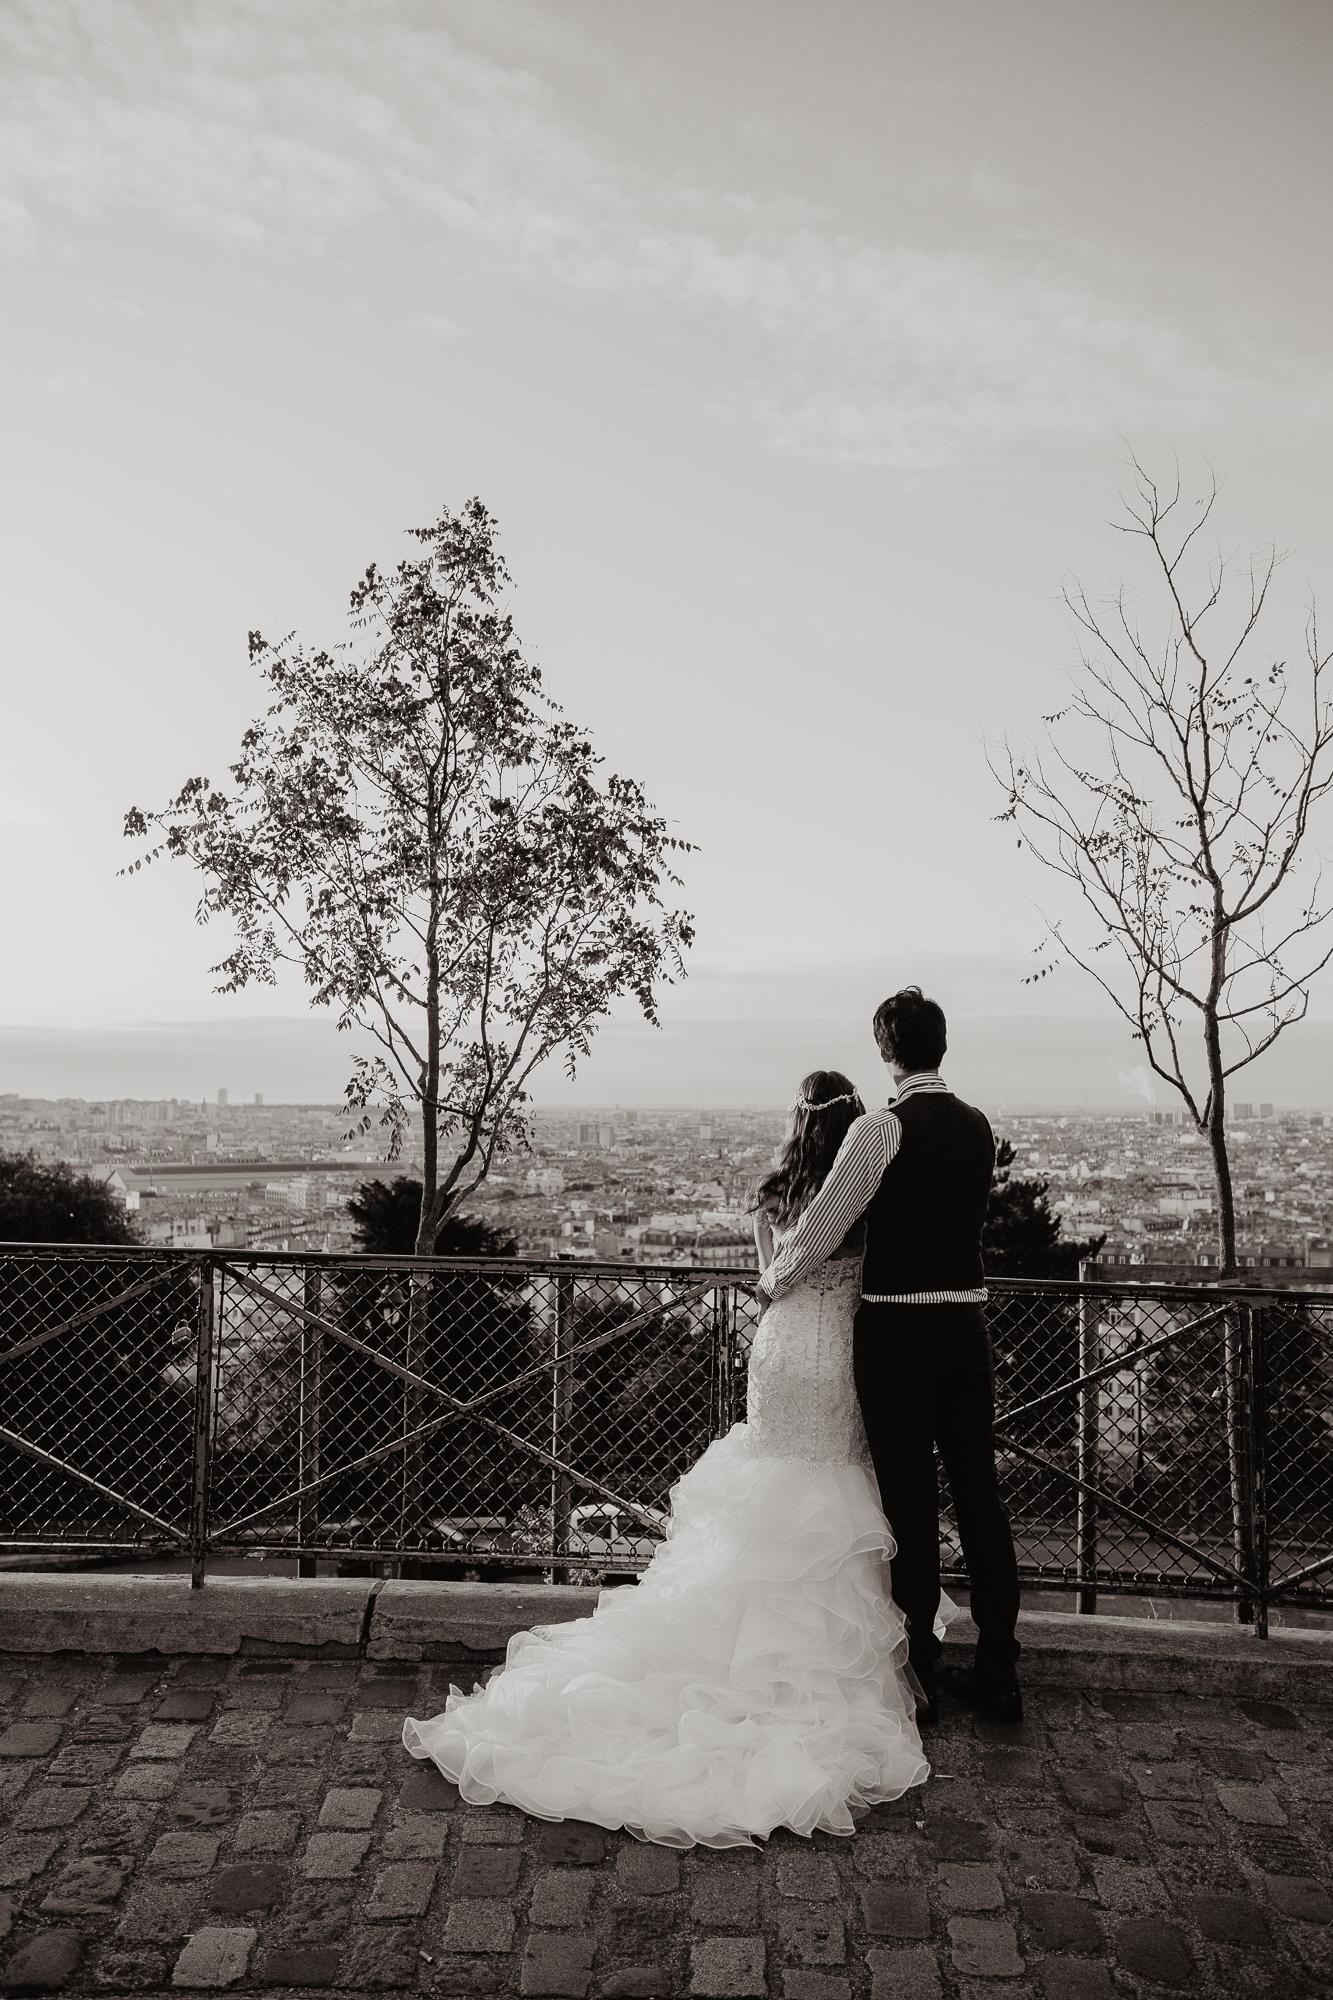 black white wedding photo paris